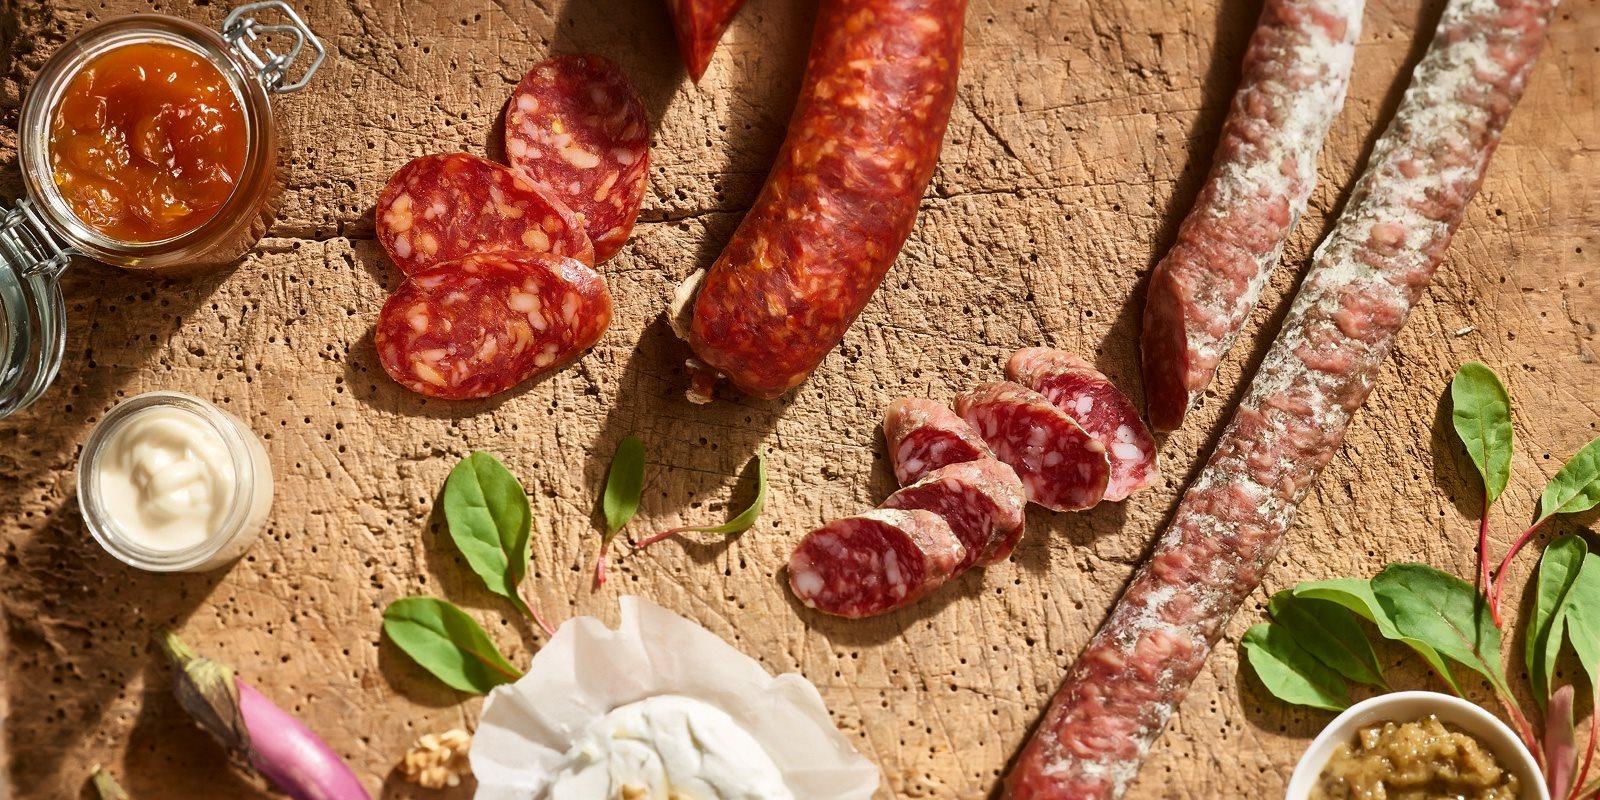 dettaglio_prodotto_generiche-dolce-piccante(1)